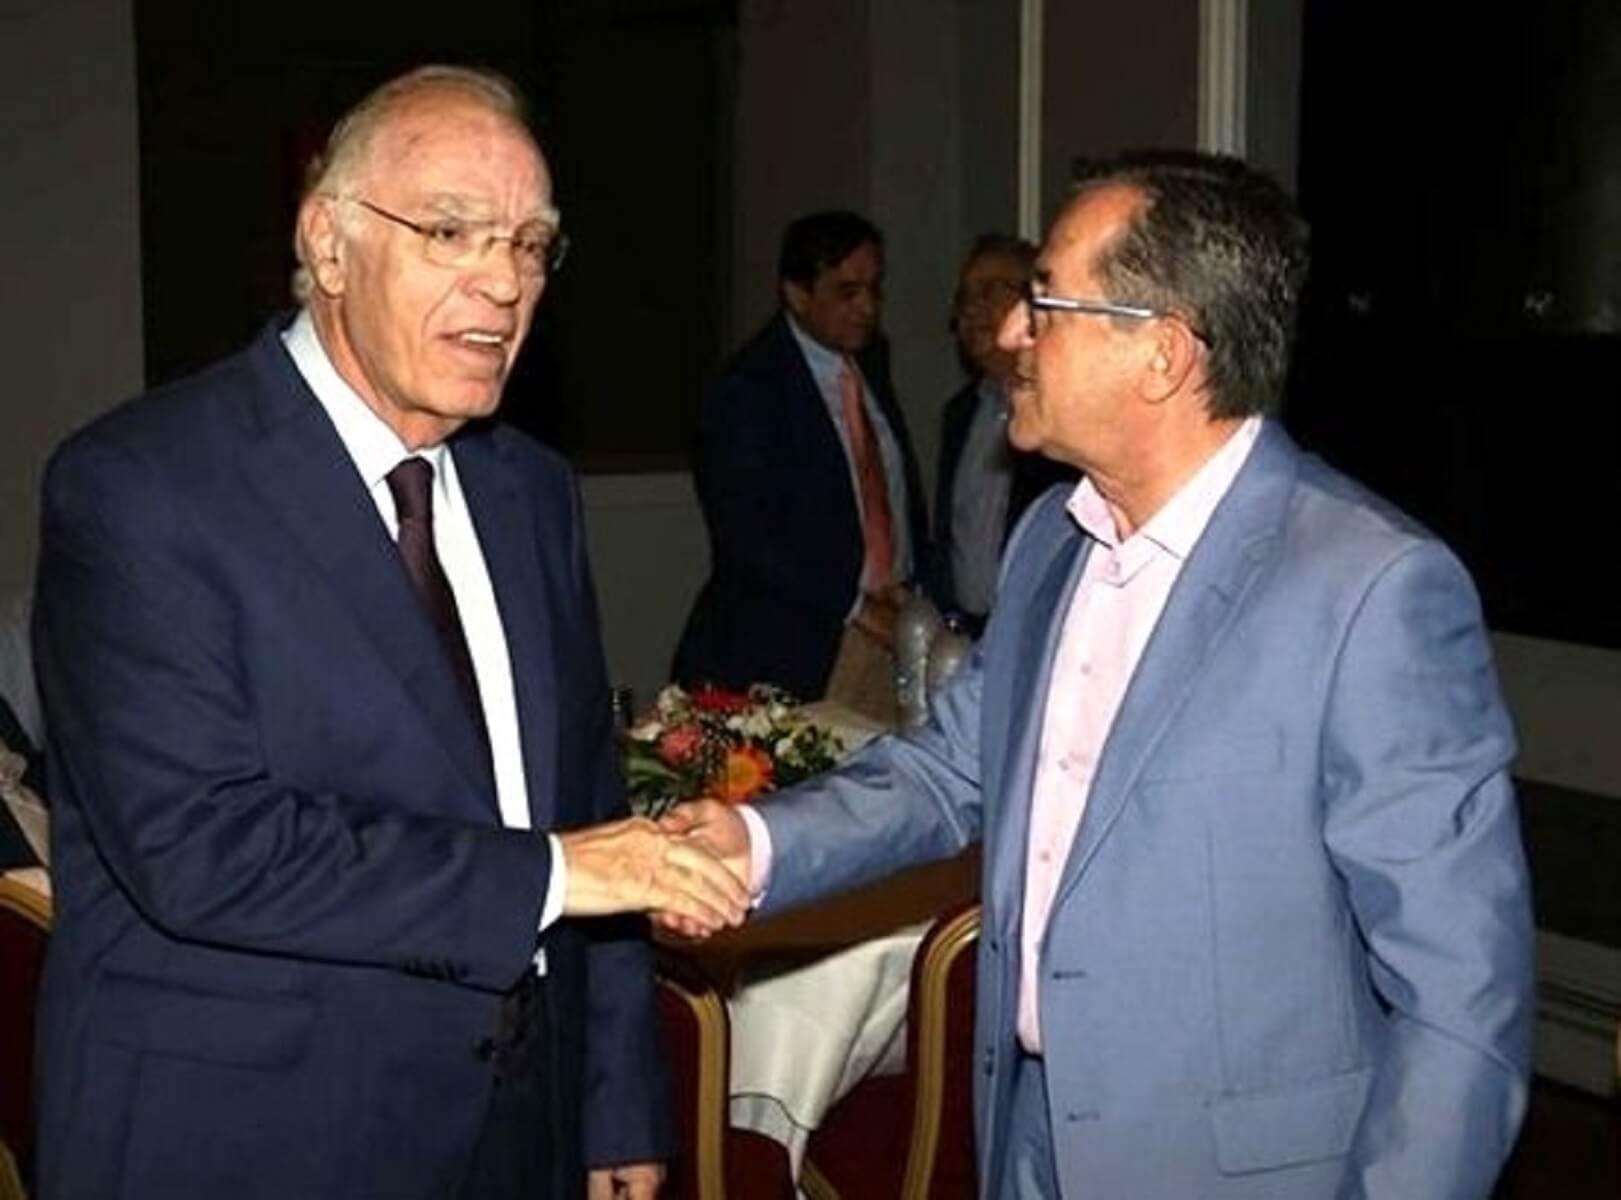 Οριστικό! Λεβέντης και Νικολόπουλος κατεβαίνουν μαζί στις εκλογές